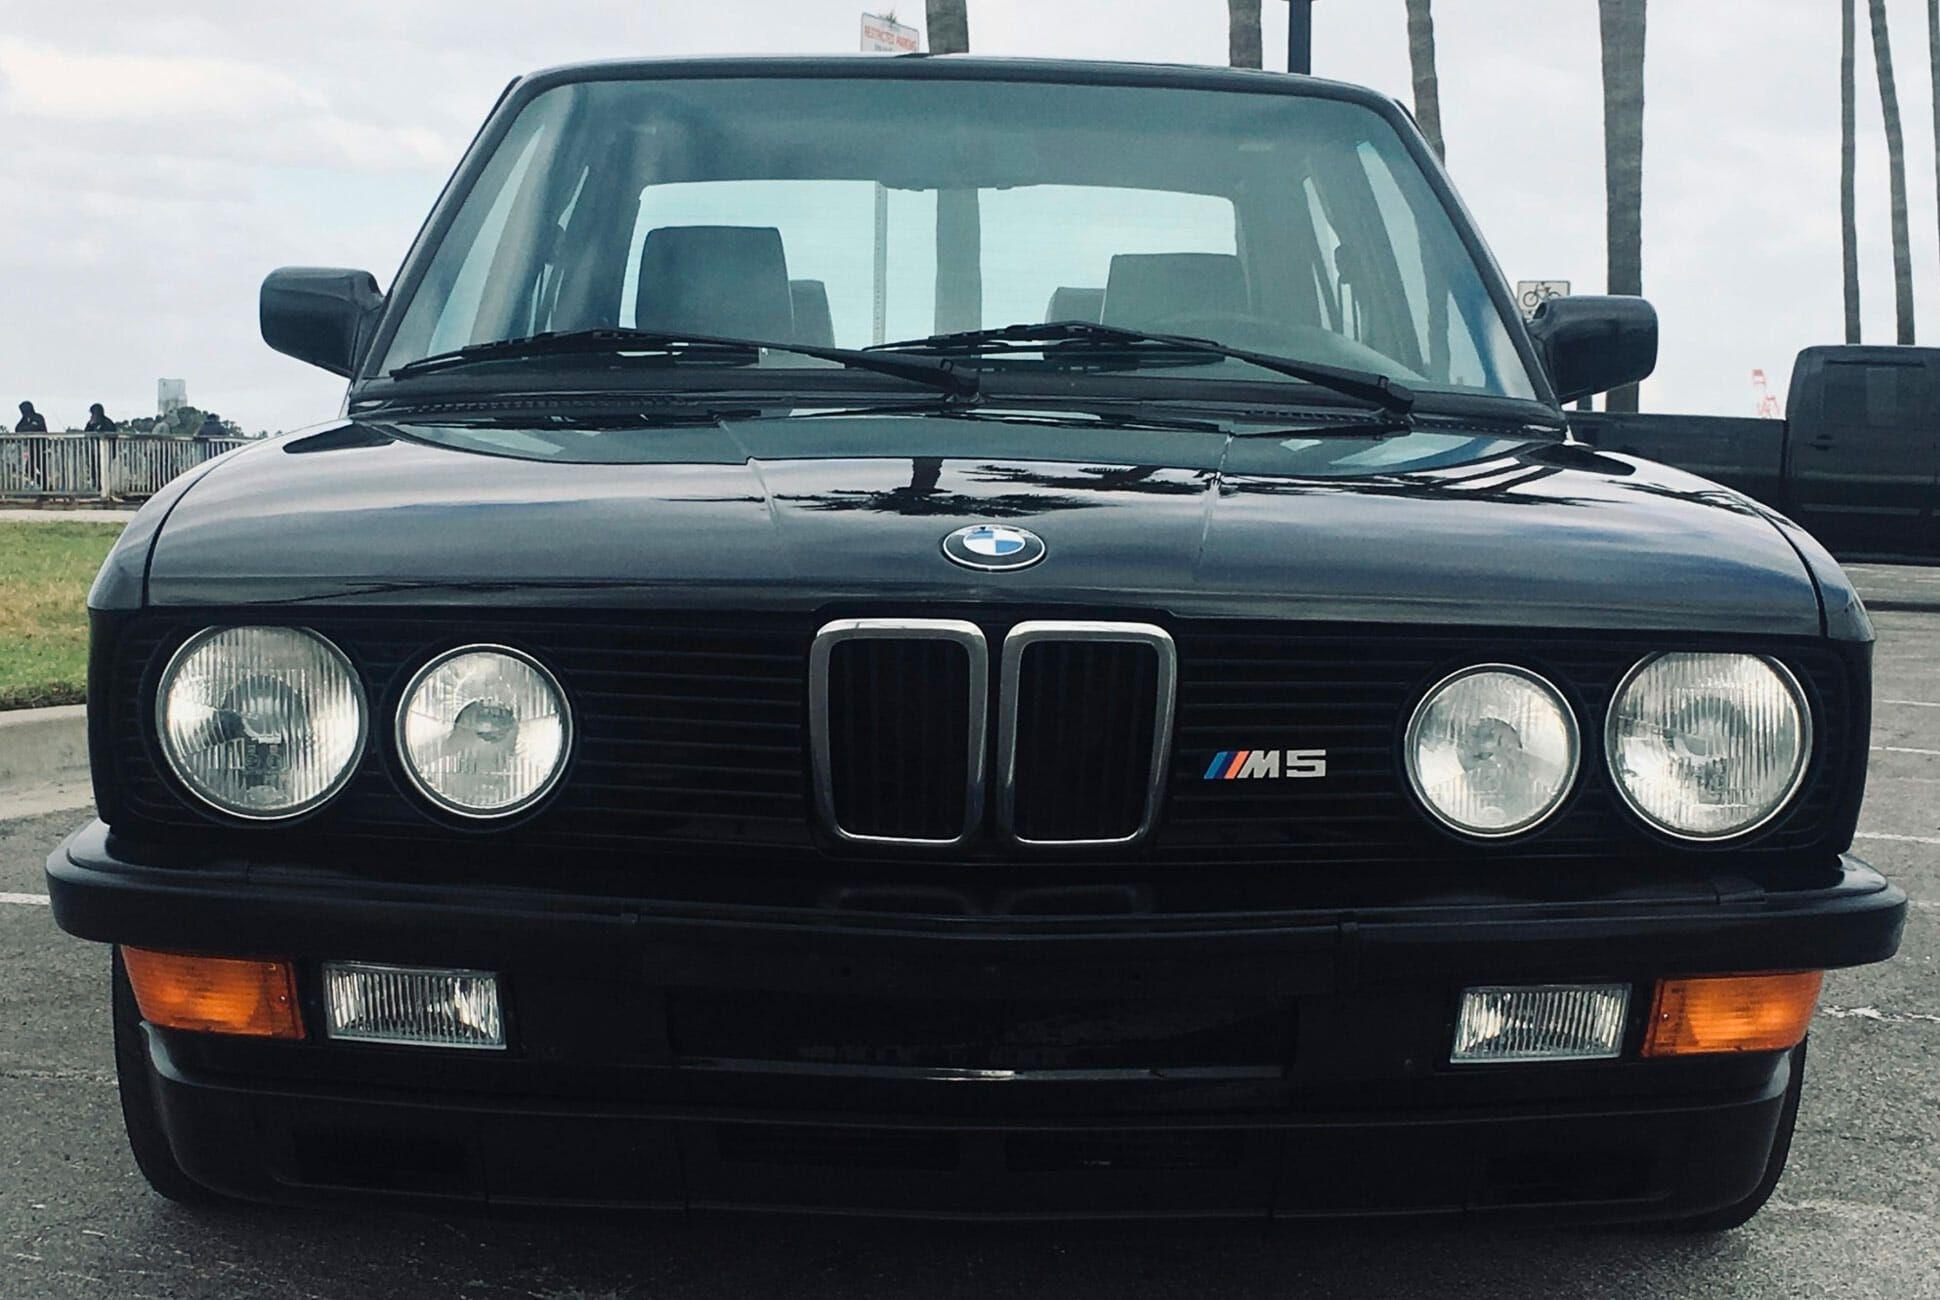 1988-BMW-M5-gear-patrol-slide-3